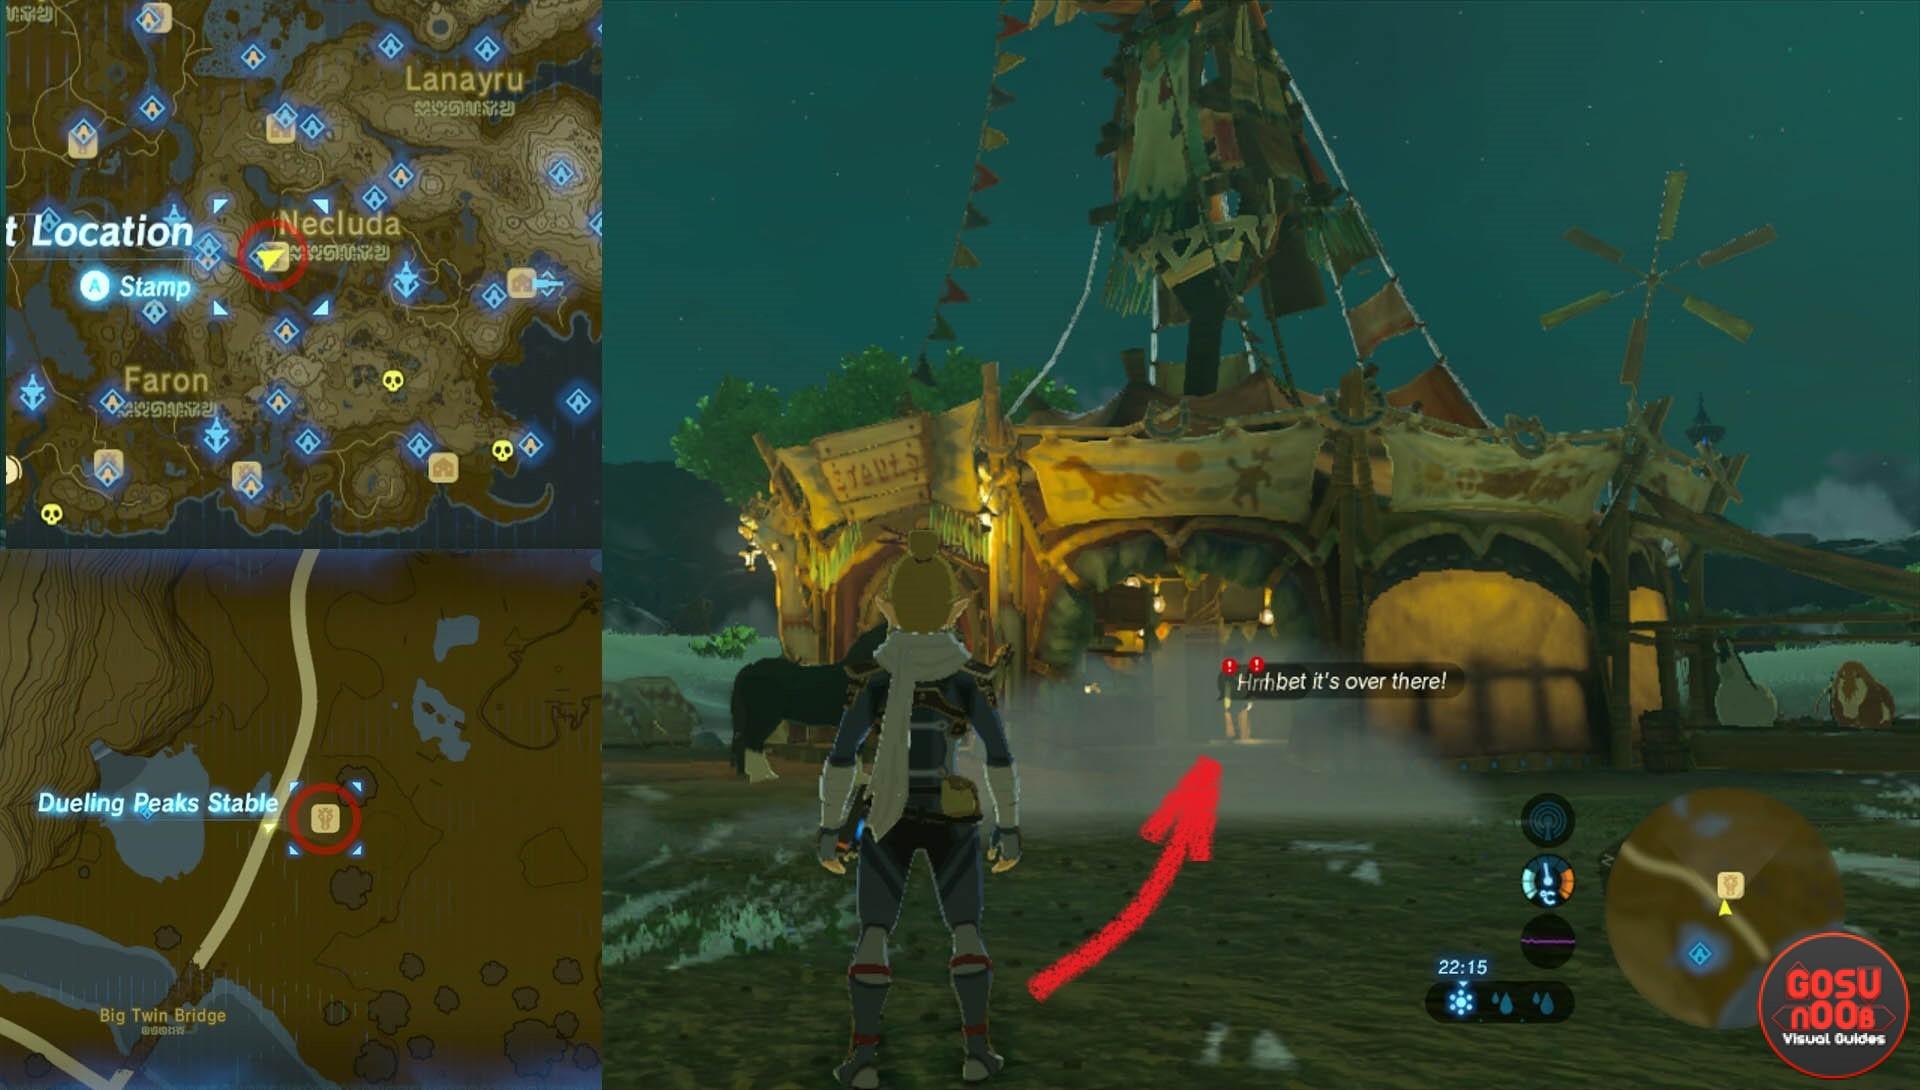 Misko The Great Bandit Zelda >> Zelda BoTW Misko The Great Bandit Side Quest - Treasure Location